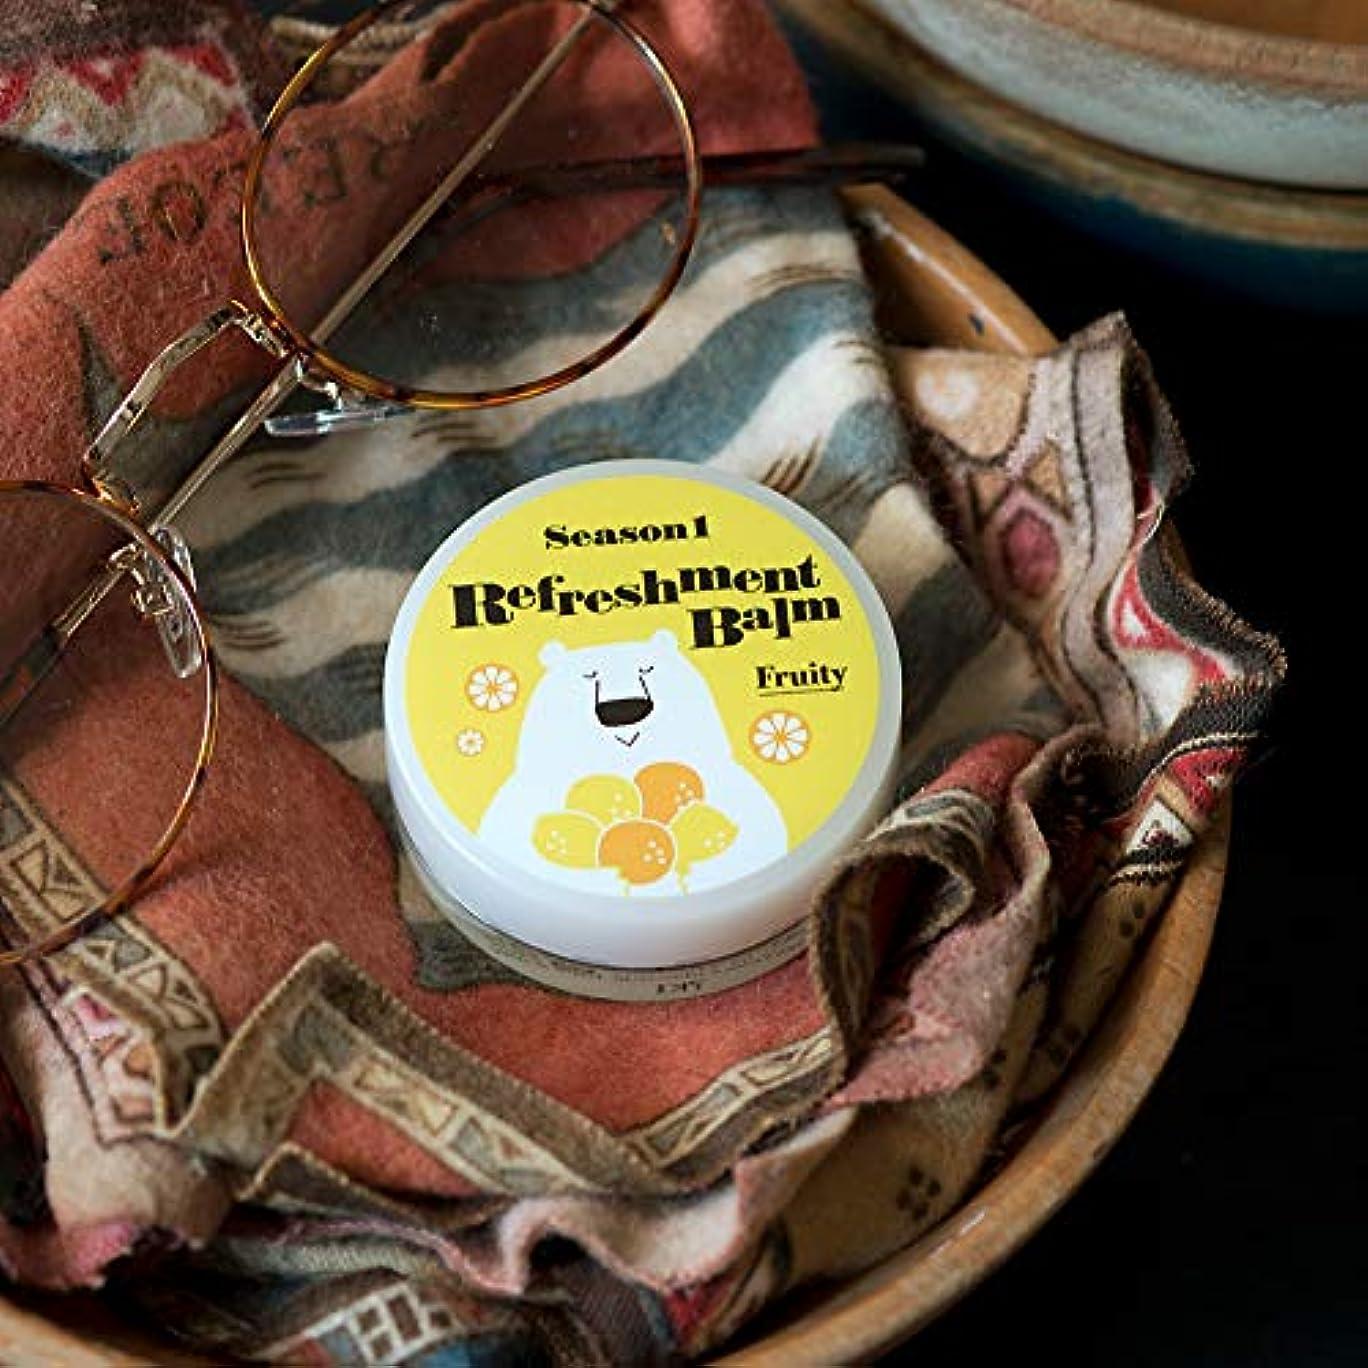 絞る休暇ラップトップ(美健)BIKEN カサカサ鼻にひと塗り リフレッシュメントバーム フルーティ エッセンシャルオイル(精油)のみで香り付け